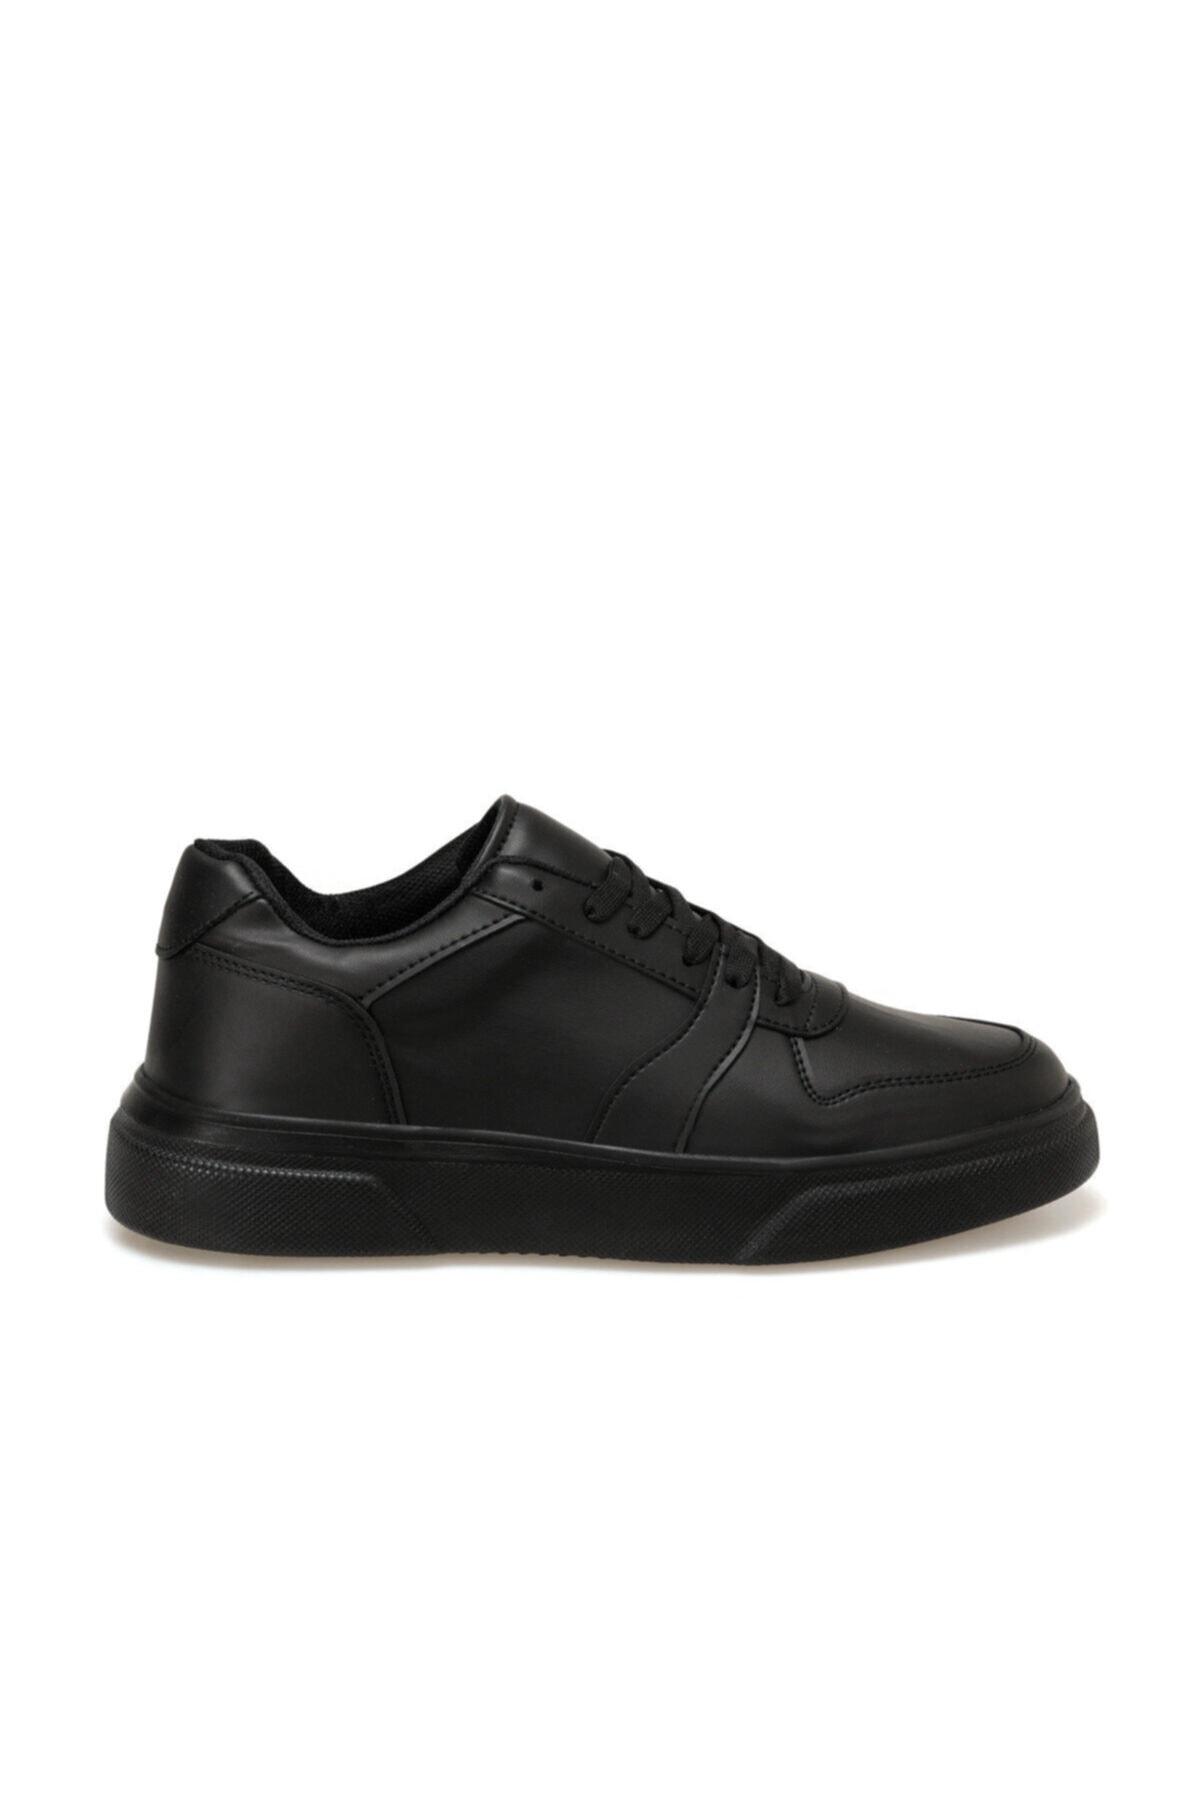 Torex ENZO Siyah Erkek Kalın Taban Sneaker Spor Ayakkabı 100577269 2